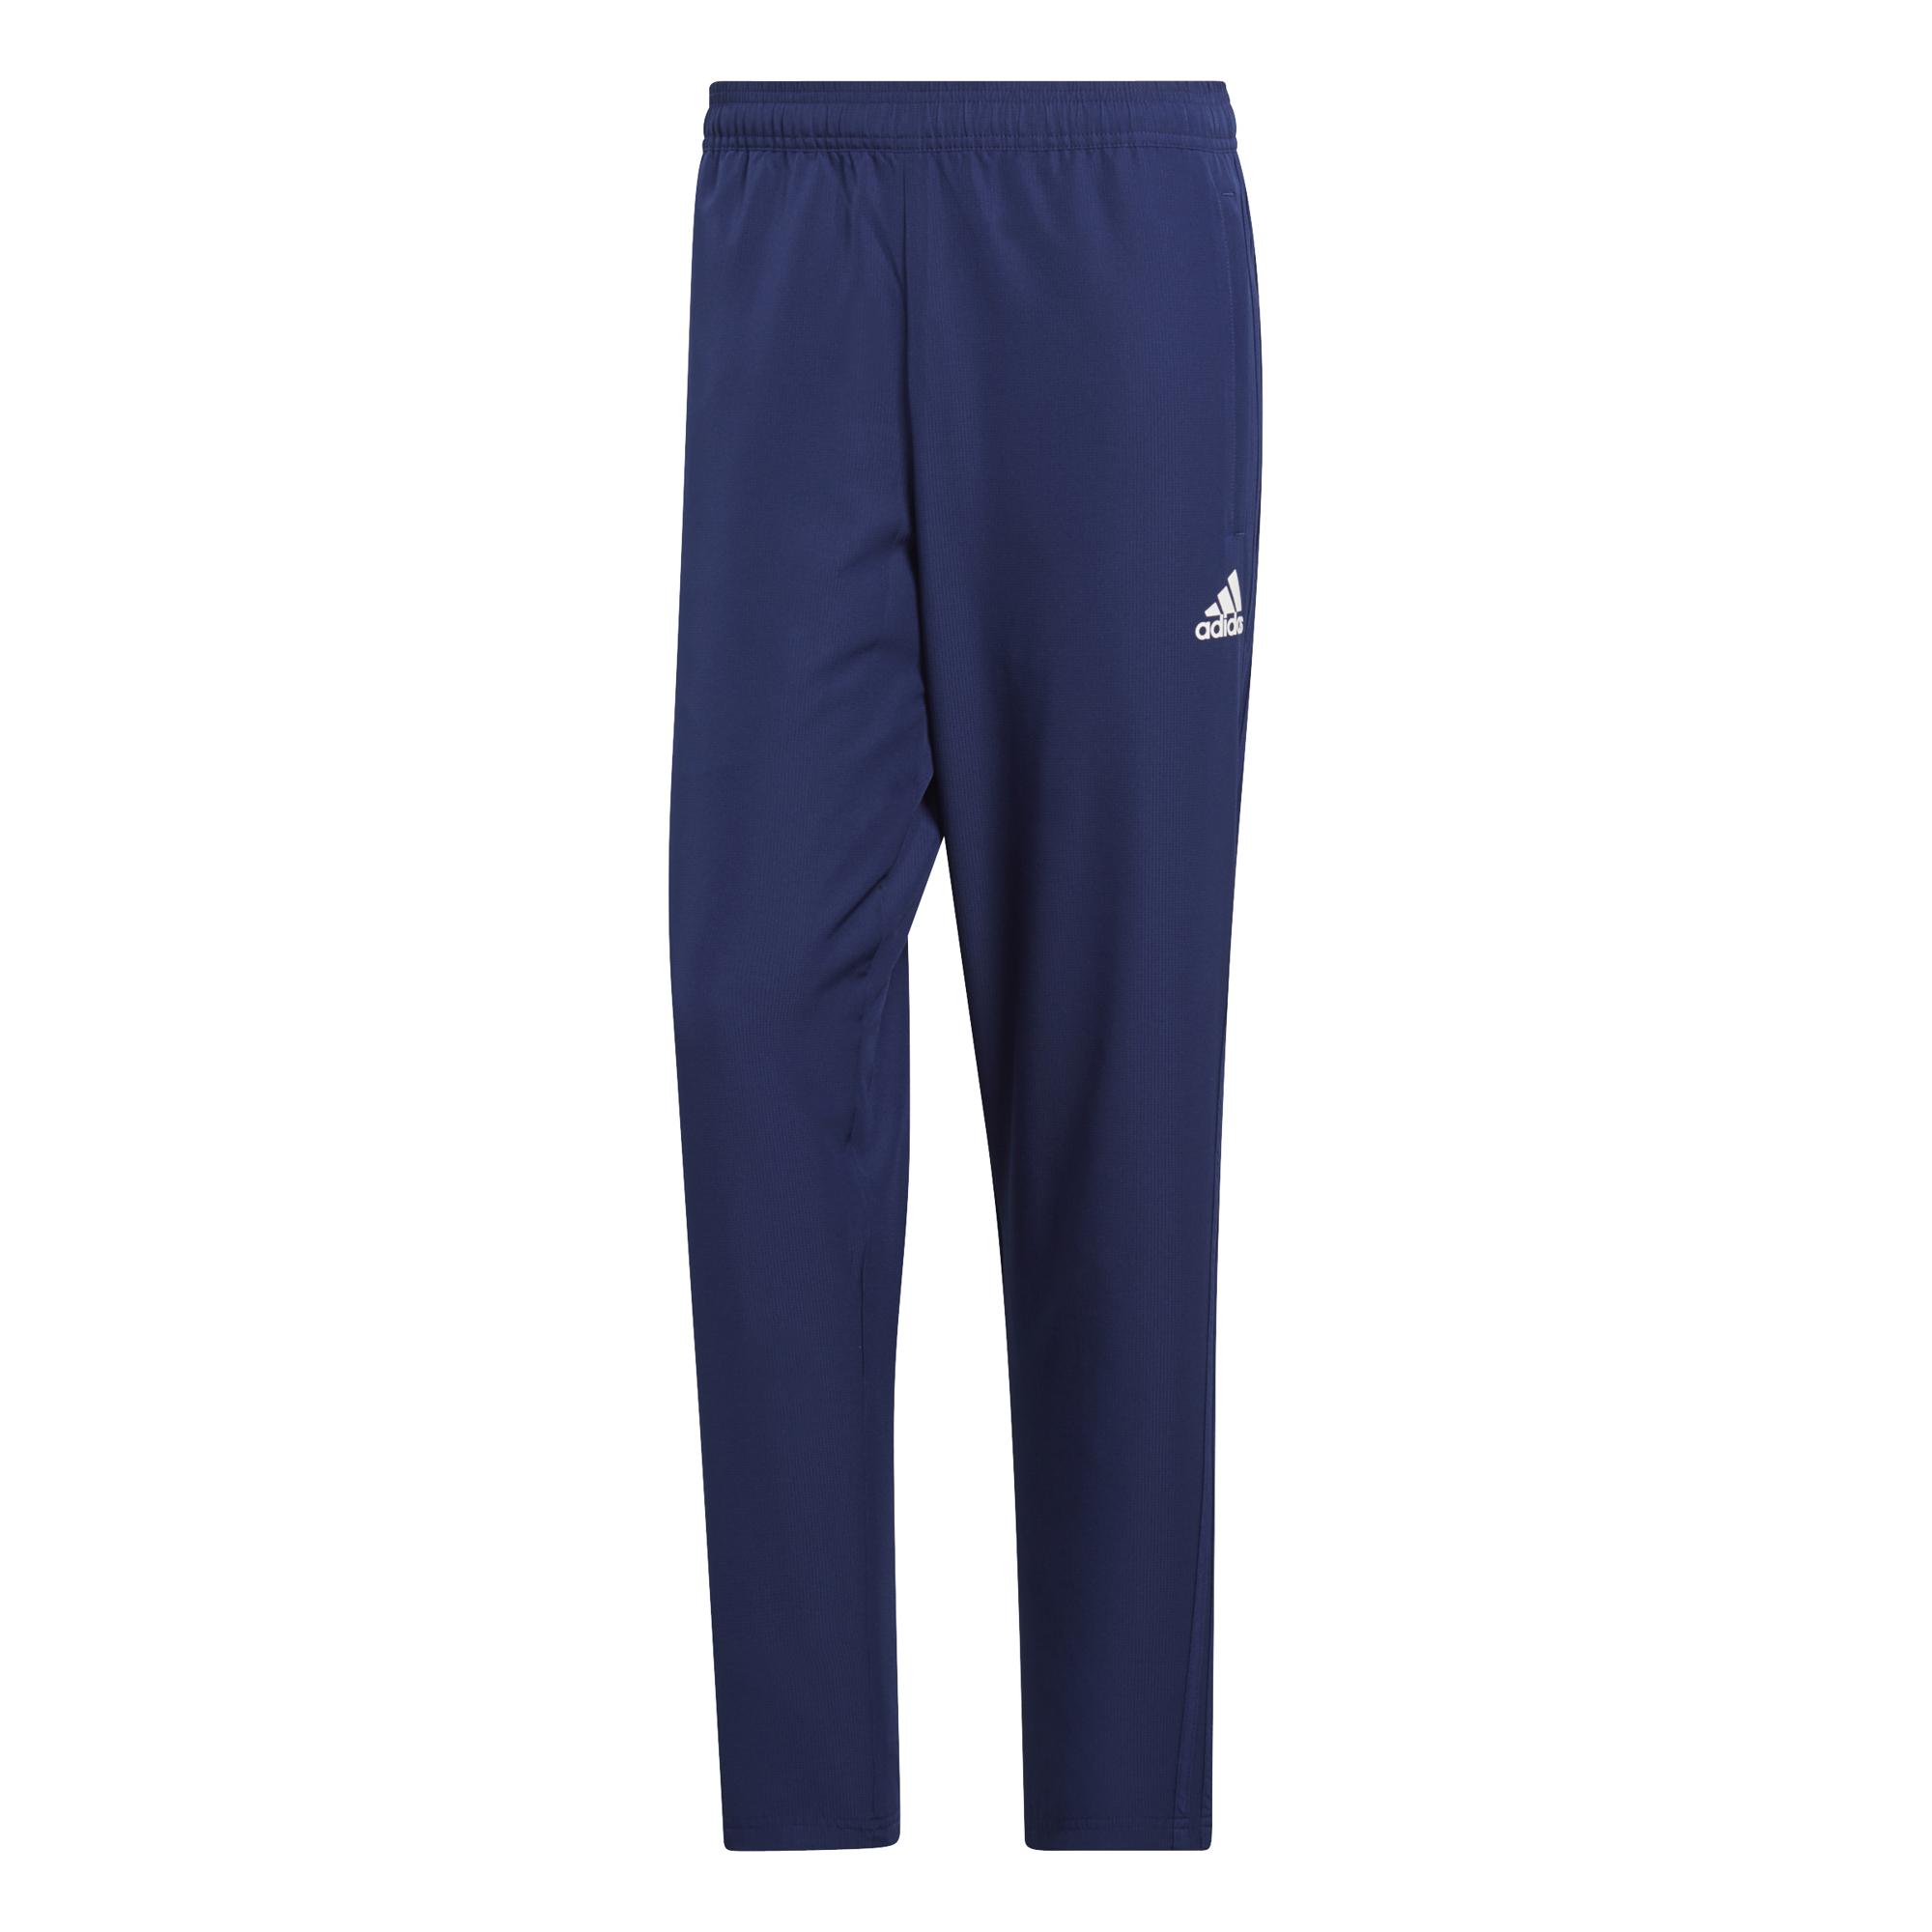 ADIDAS vycházkové kalhoty Condivo 18